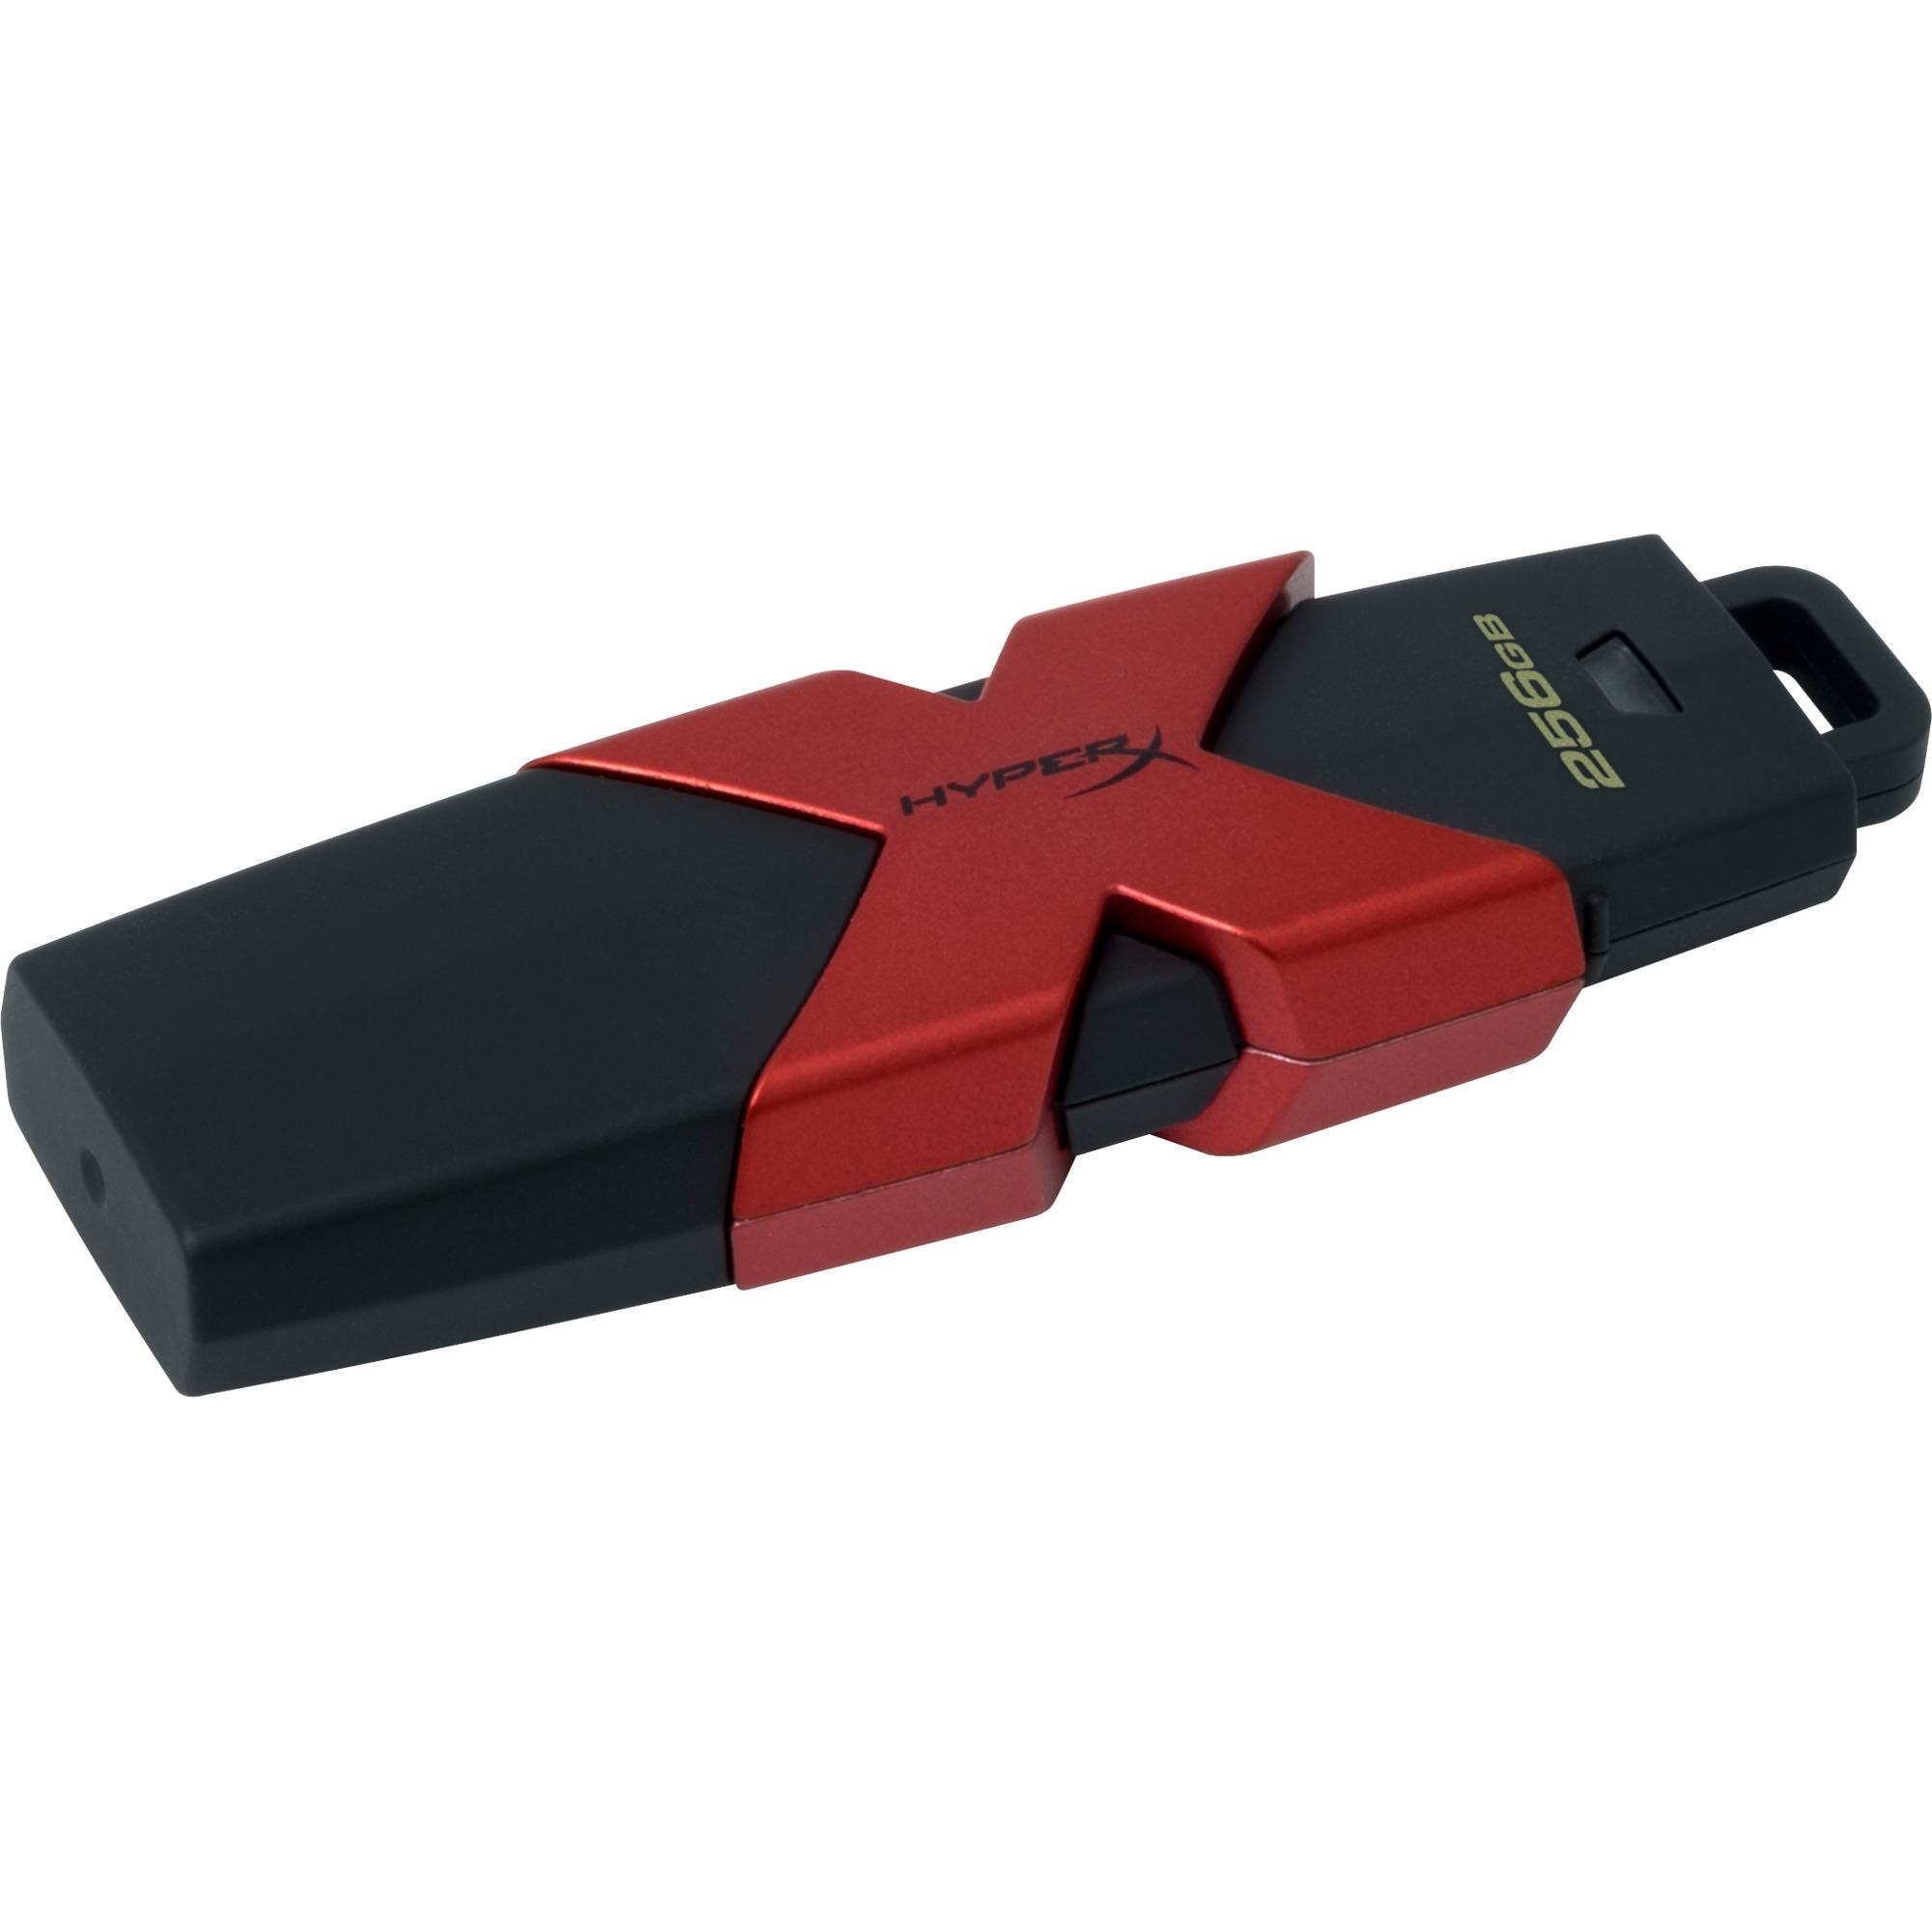 256GB unidad flash USB USB tipo A 3.0 (3.1 Gen 1) Negro, Rojo, Lápiz USB